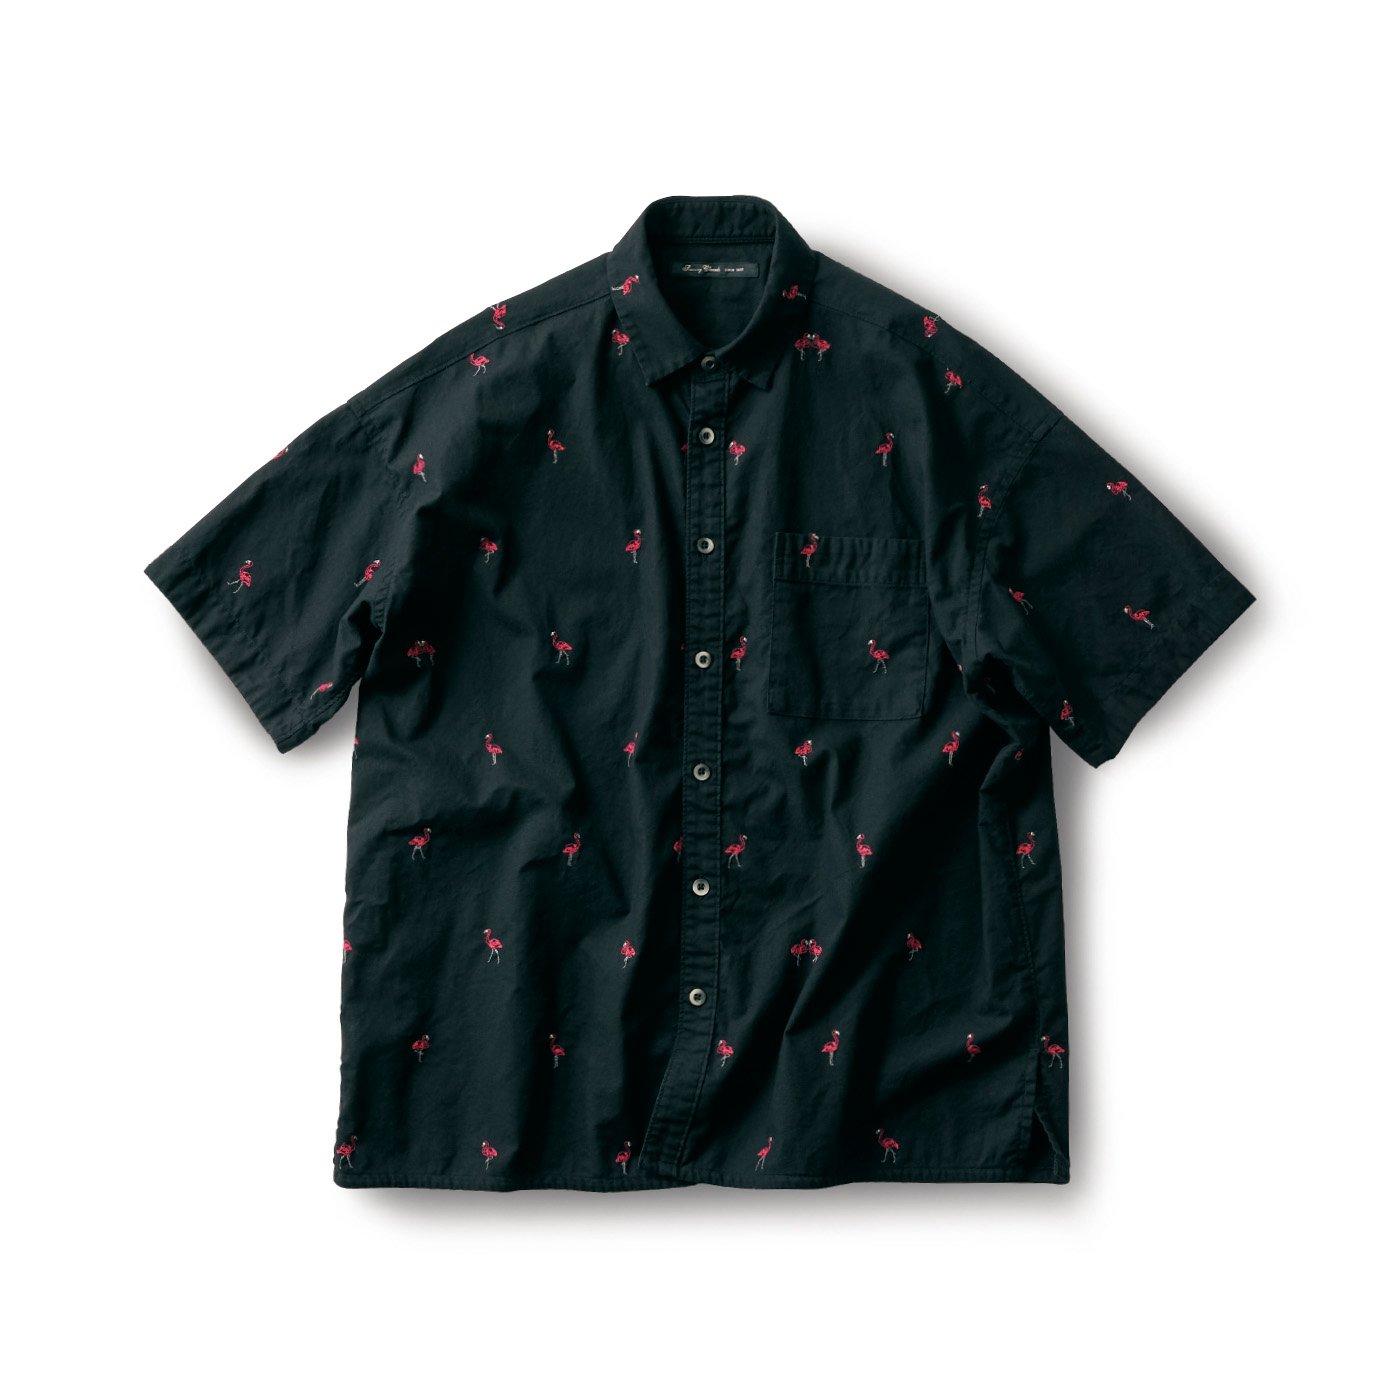 サニークラウズ ご陽気フラミンゴシャツ〈メンズ〉黒